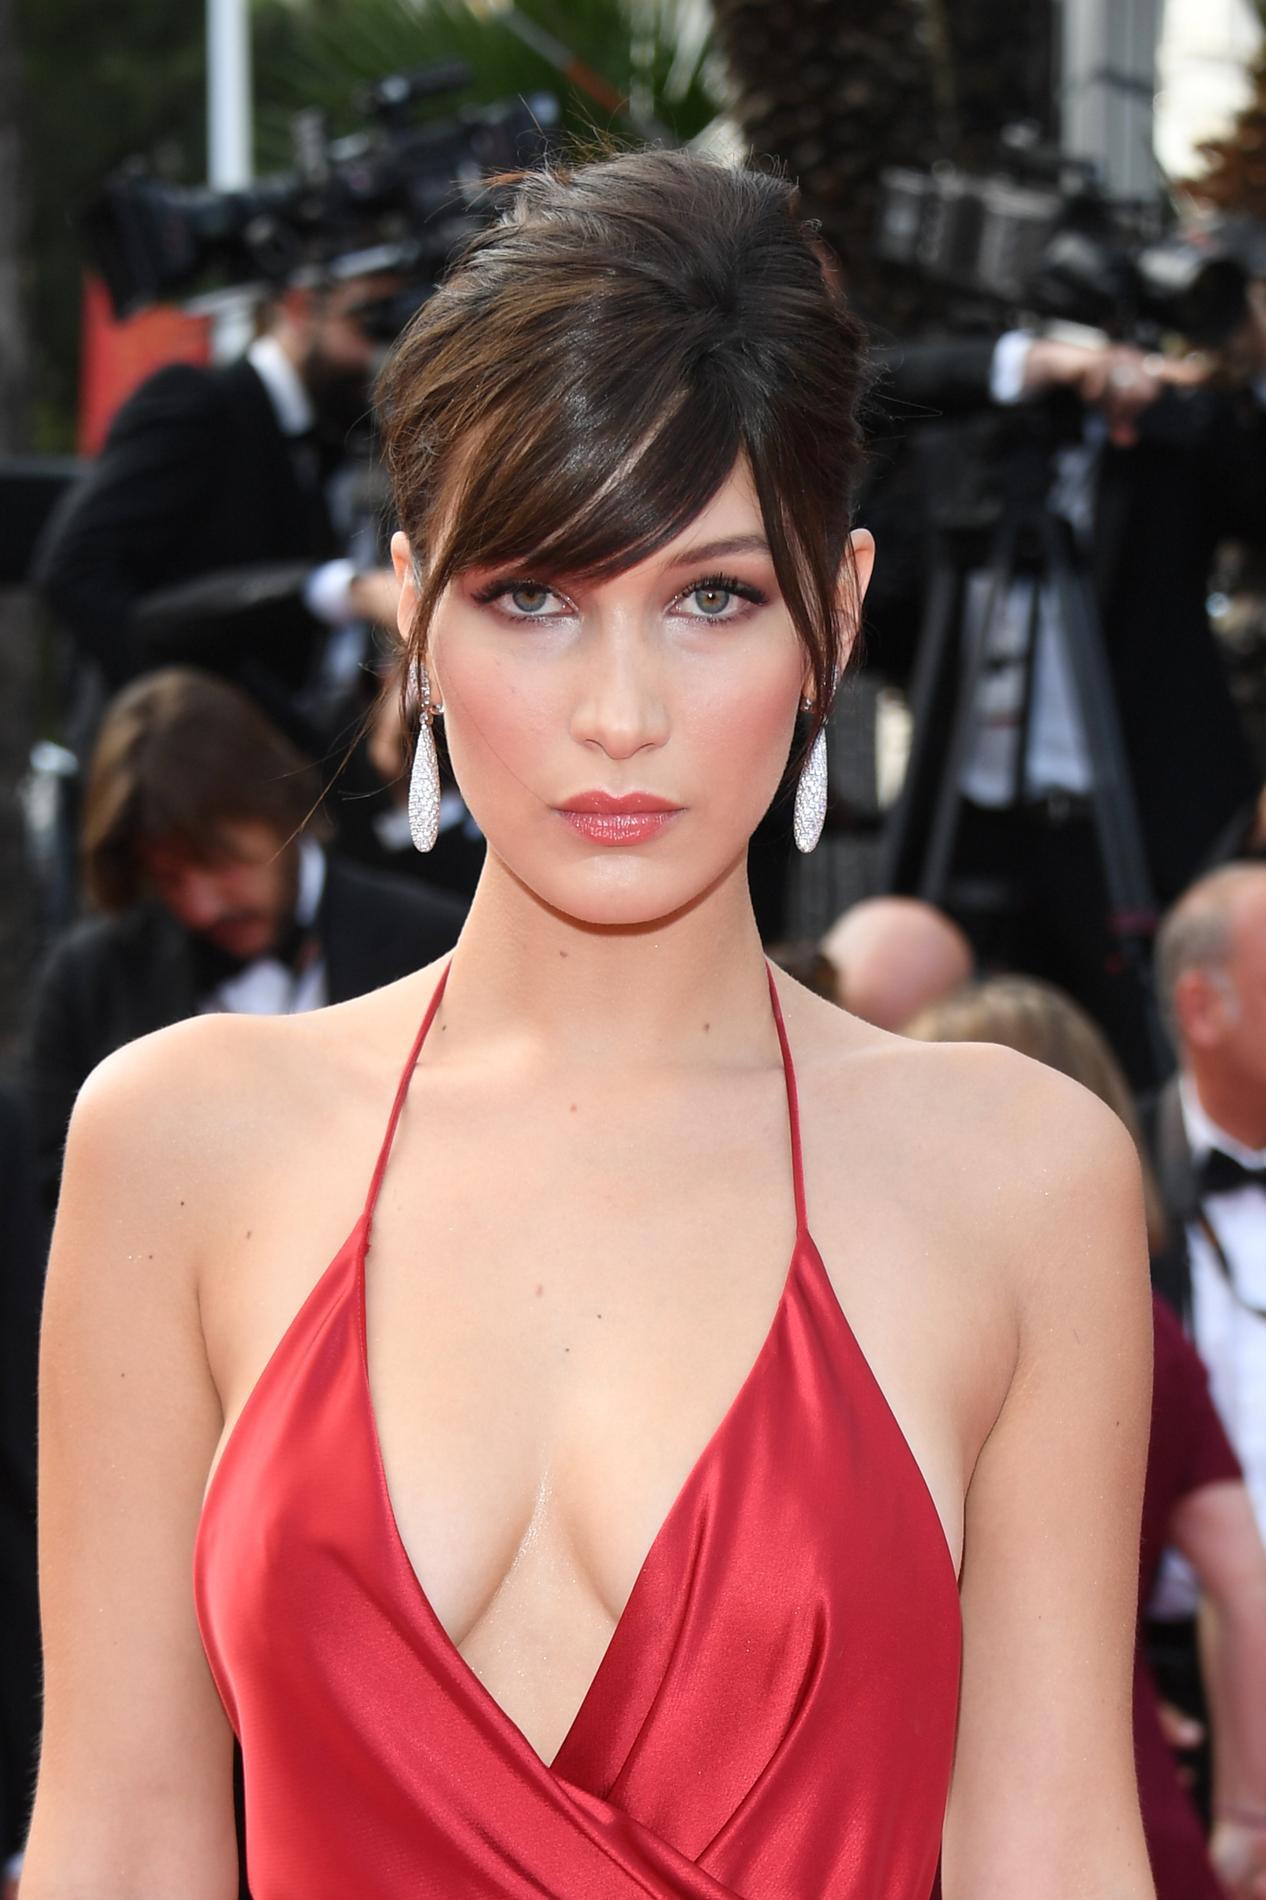 Elle a une robe magnifique - TuKifcom